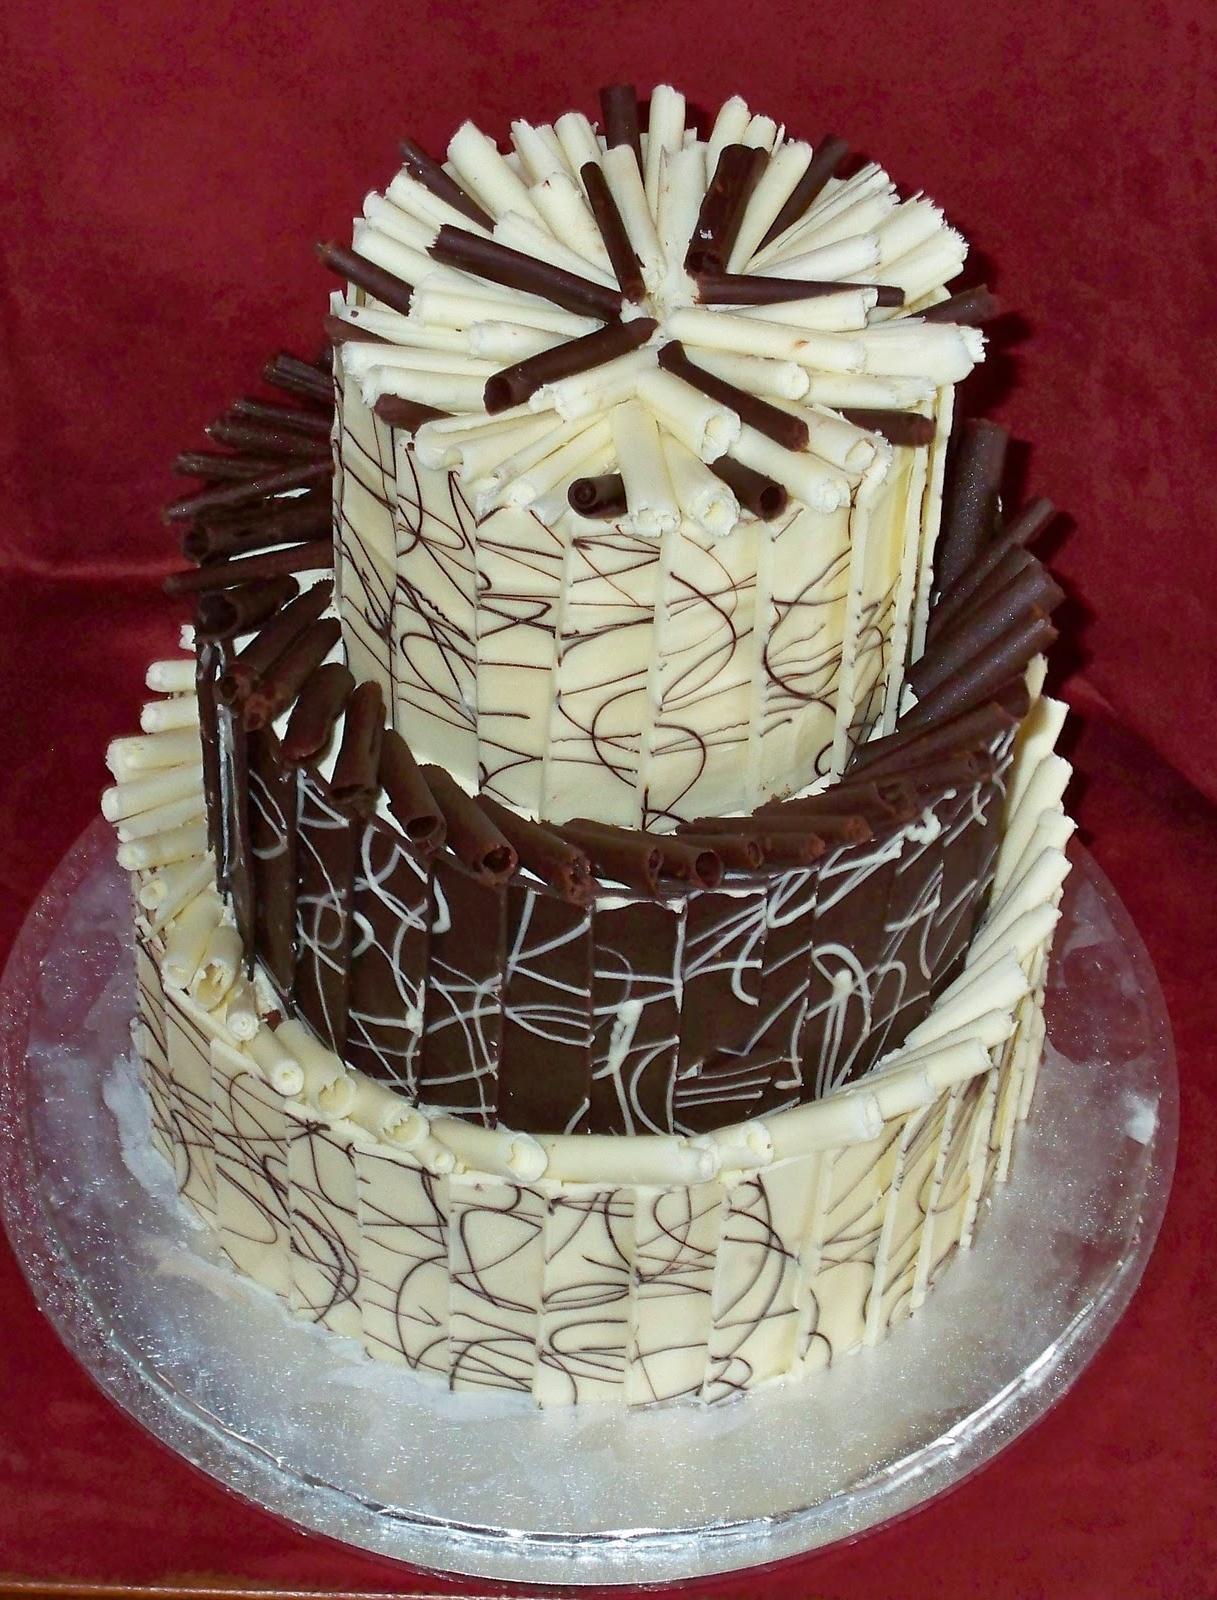 Catie S Blog Cake Boss Wedding Cakes Prices